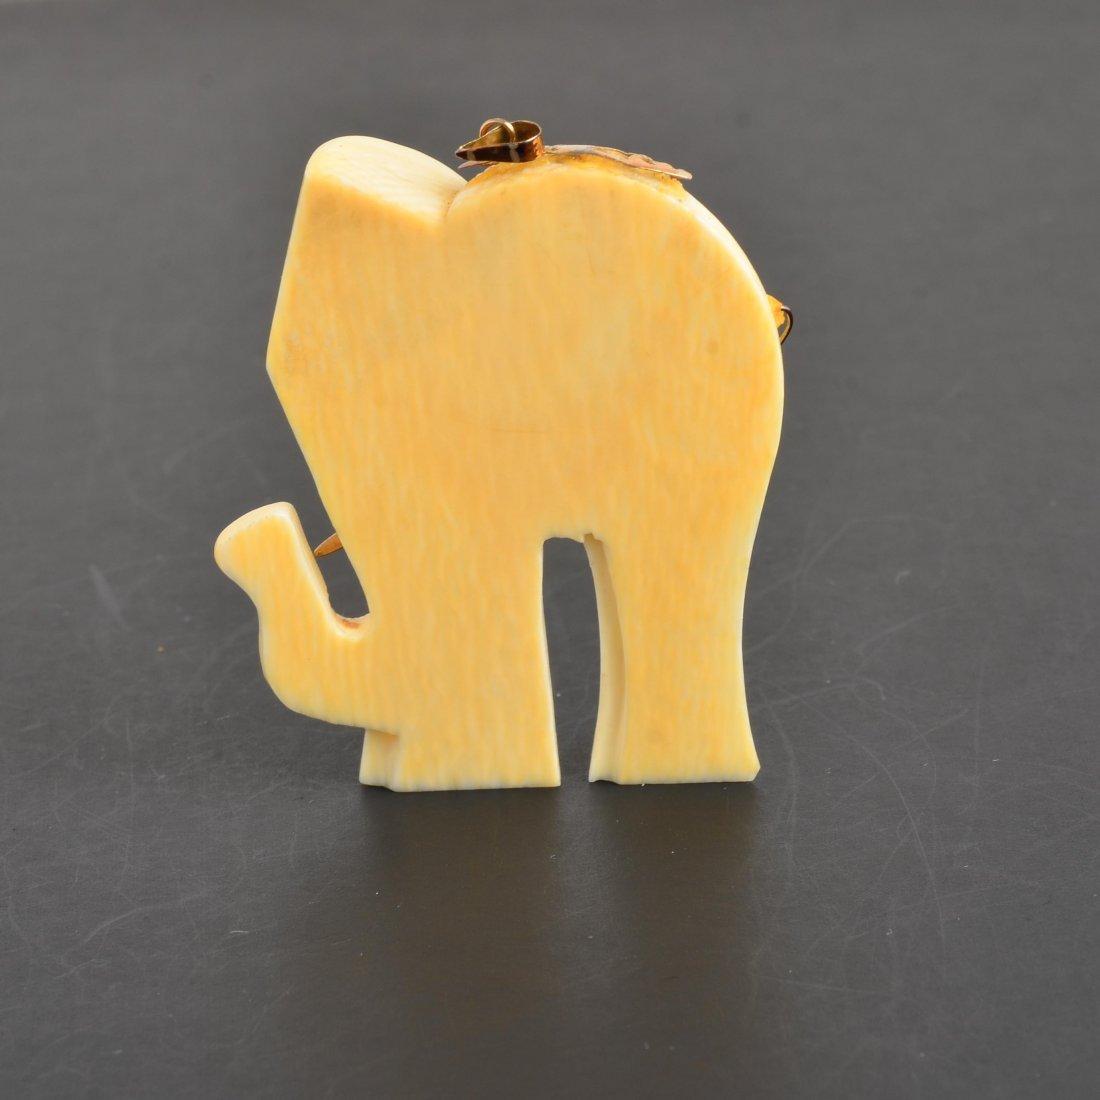 YG Ruby & Ivory Elephant Pendant - 2